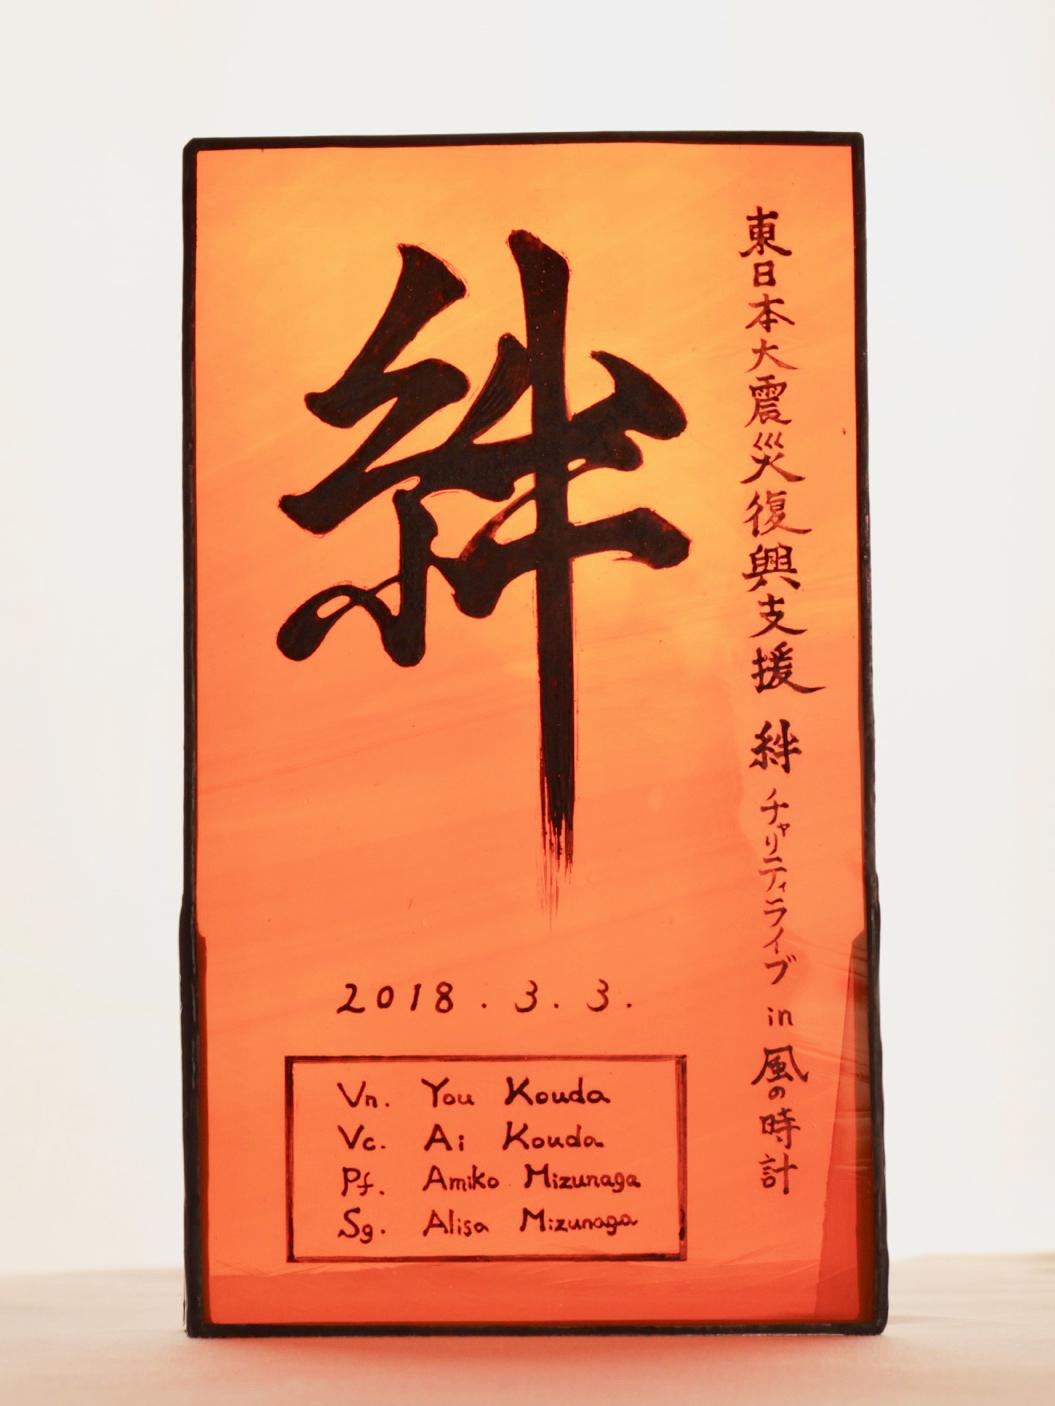 東日本大震災復興支援 絆チャリティライブ in 風の時計